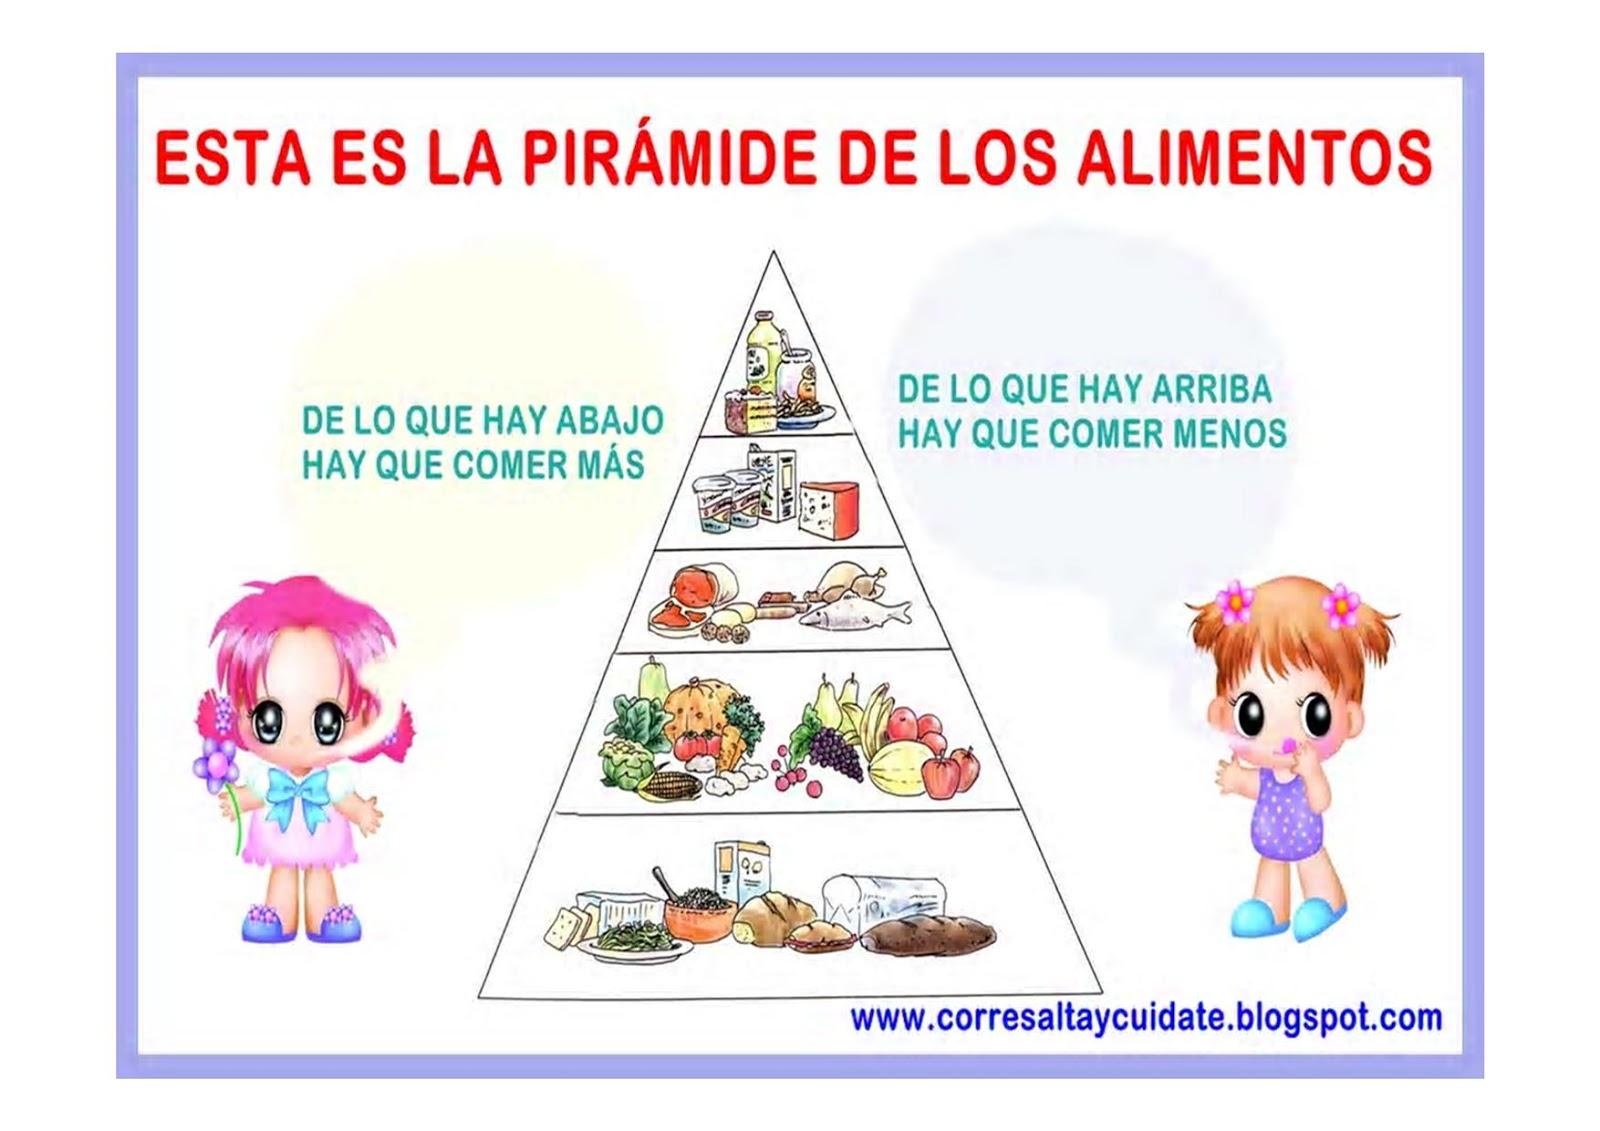 Afiches alimentacion saludable para ni os corre salta y for Comida saludable para ninos